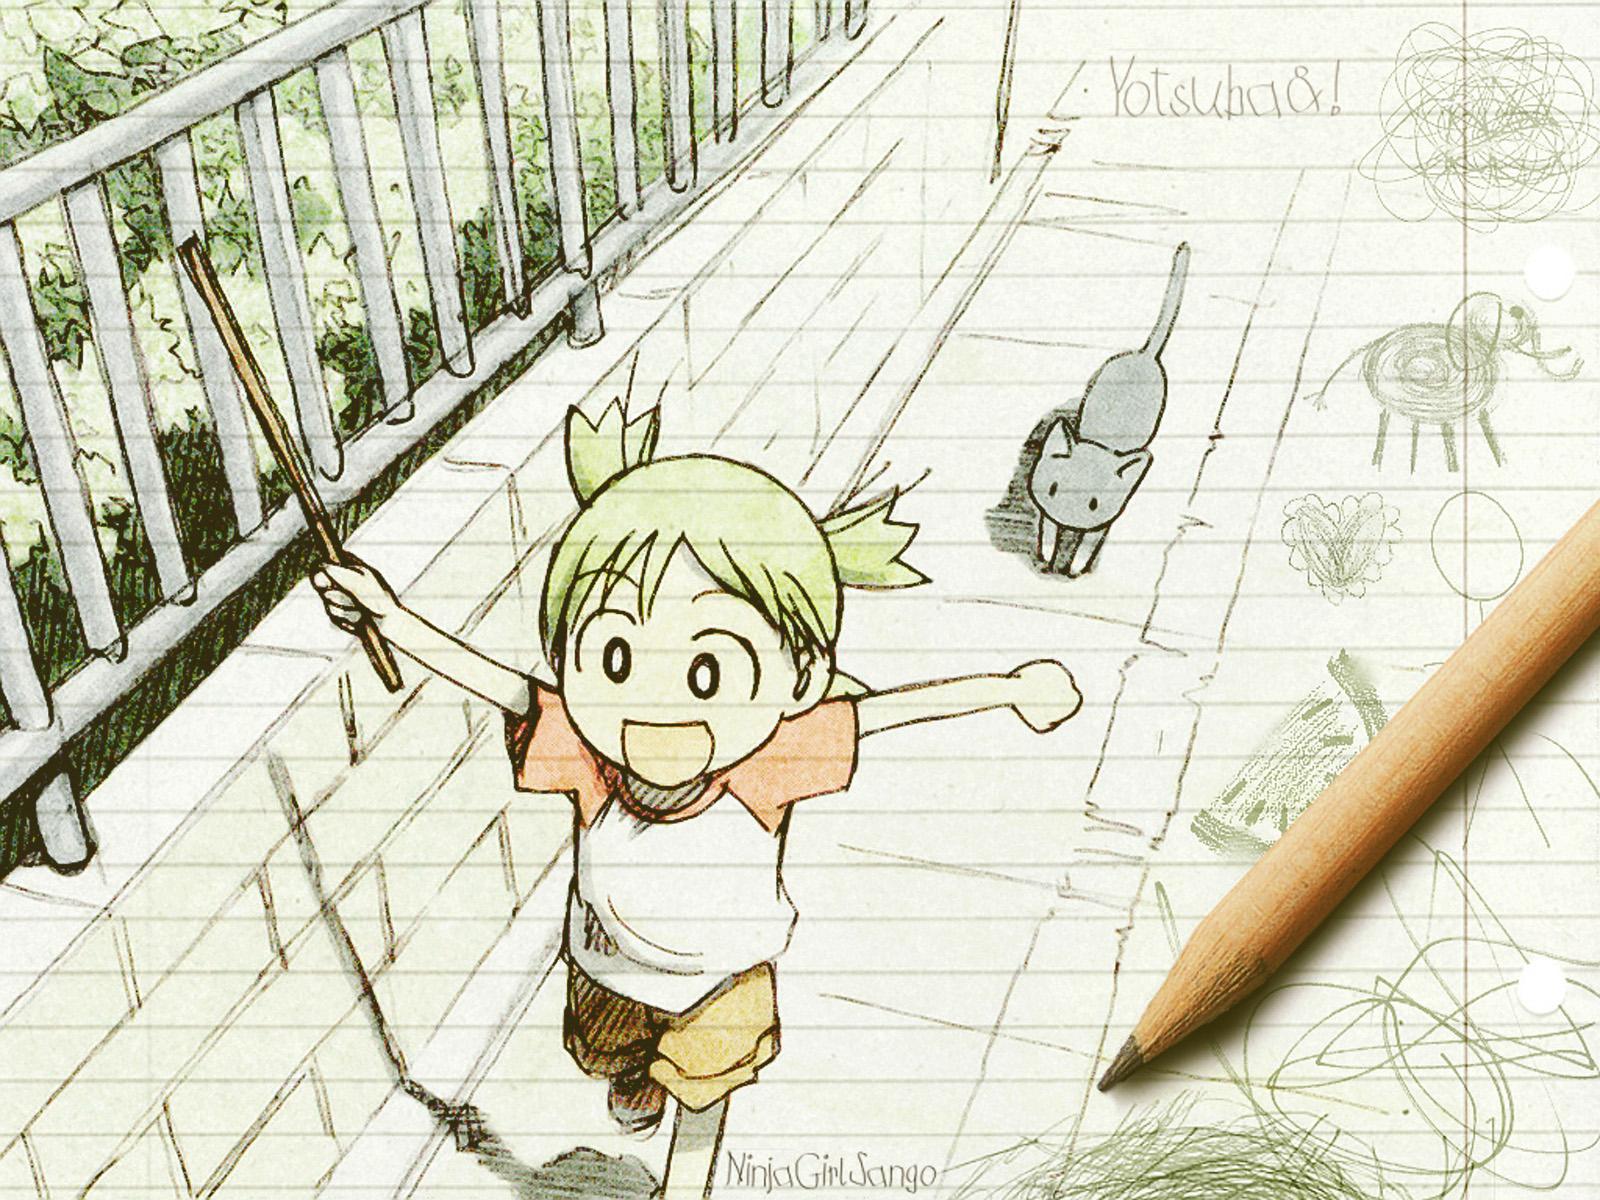 koiwai_yotsuba photo sketch yotsubato!